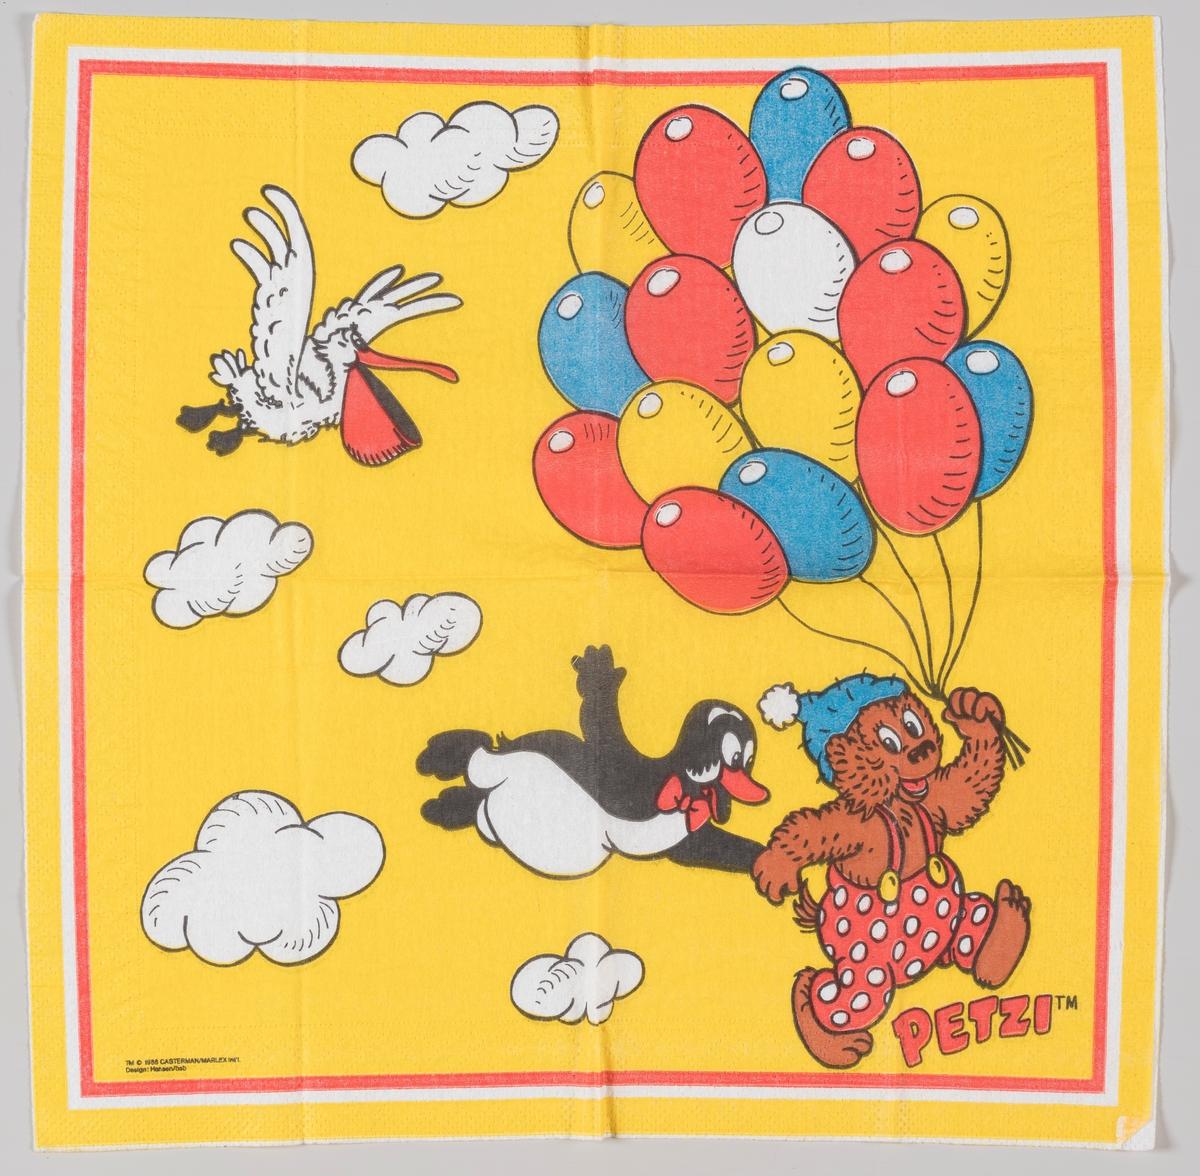 Rasmus Klump, pingvinen Pingo og pelikanen Pelle med en masse ballonger  Rasmus Klump er en dansk tegneserie som kom i 1951. Rasmus Klump heter Petzi på fransk, tysk, italiensk og portugisisk.